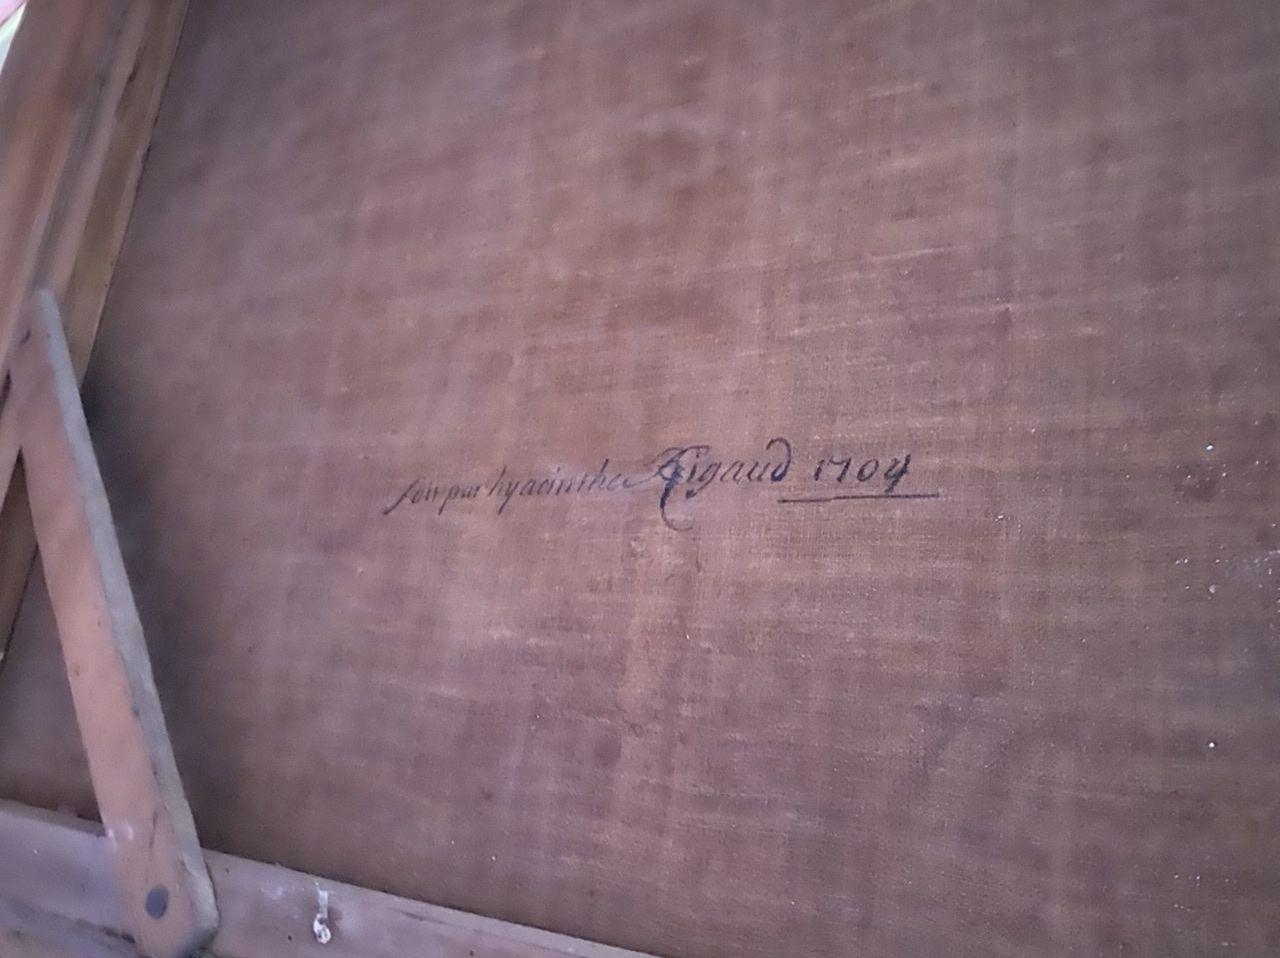 Signature autographe de Rigaud au dos de la toile d'origine © Photo Hyacinthe Rigaud portrait dit à tort du duc de Vilars, 1704. Aix-en-Provence, collection particulière © Photo Alexandre Mahue-Deloffre